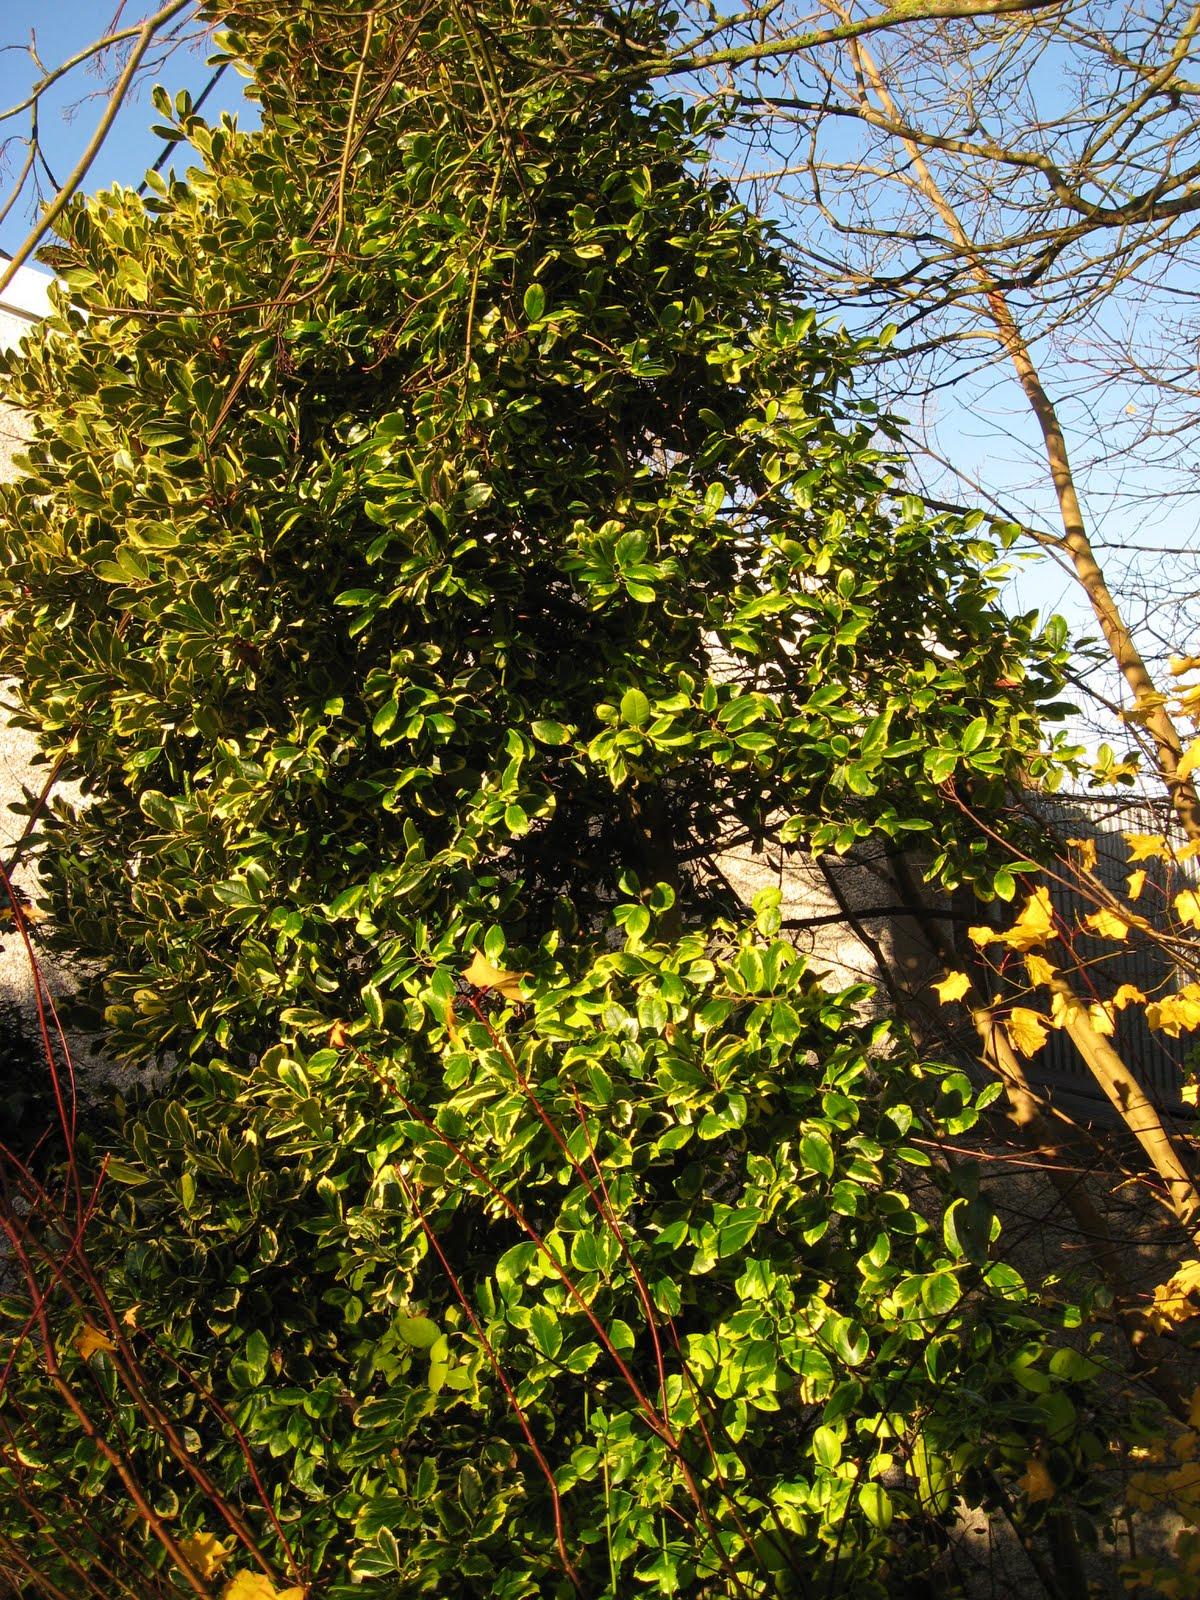 dublin flora ilex x altaclerensis 39 golden king 39. Black Bedroom Furniture Sets. Home Design Ideas